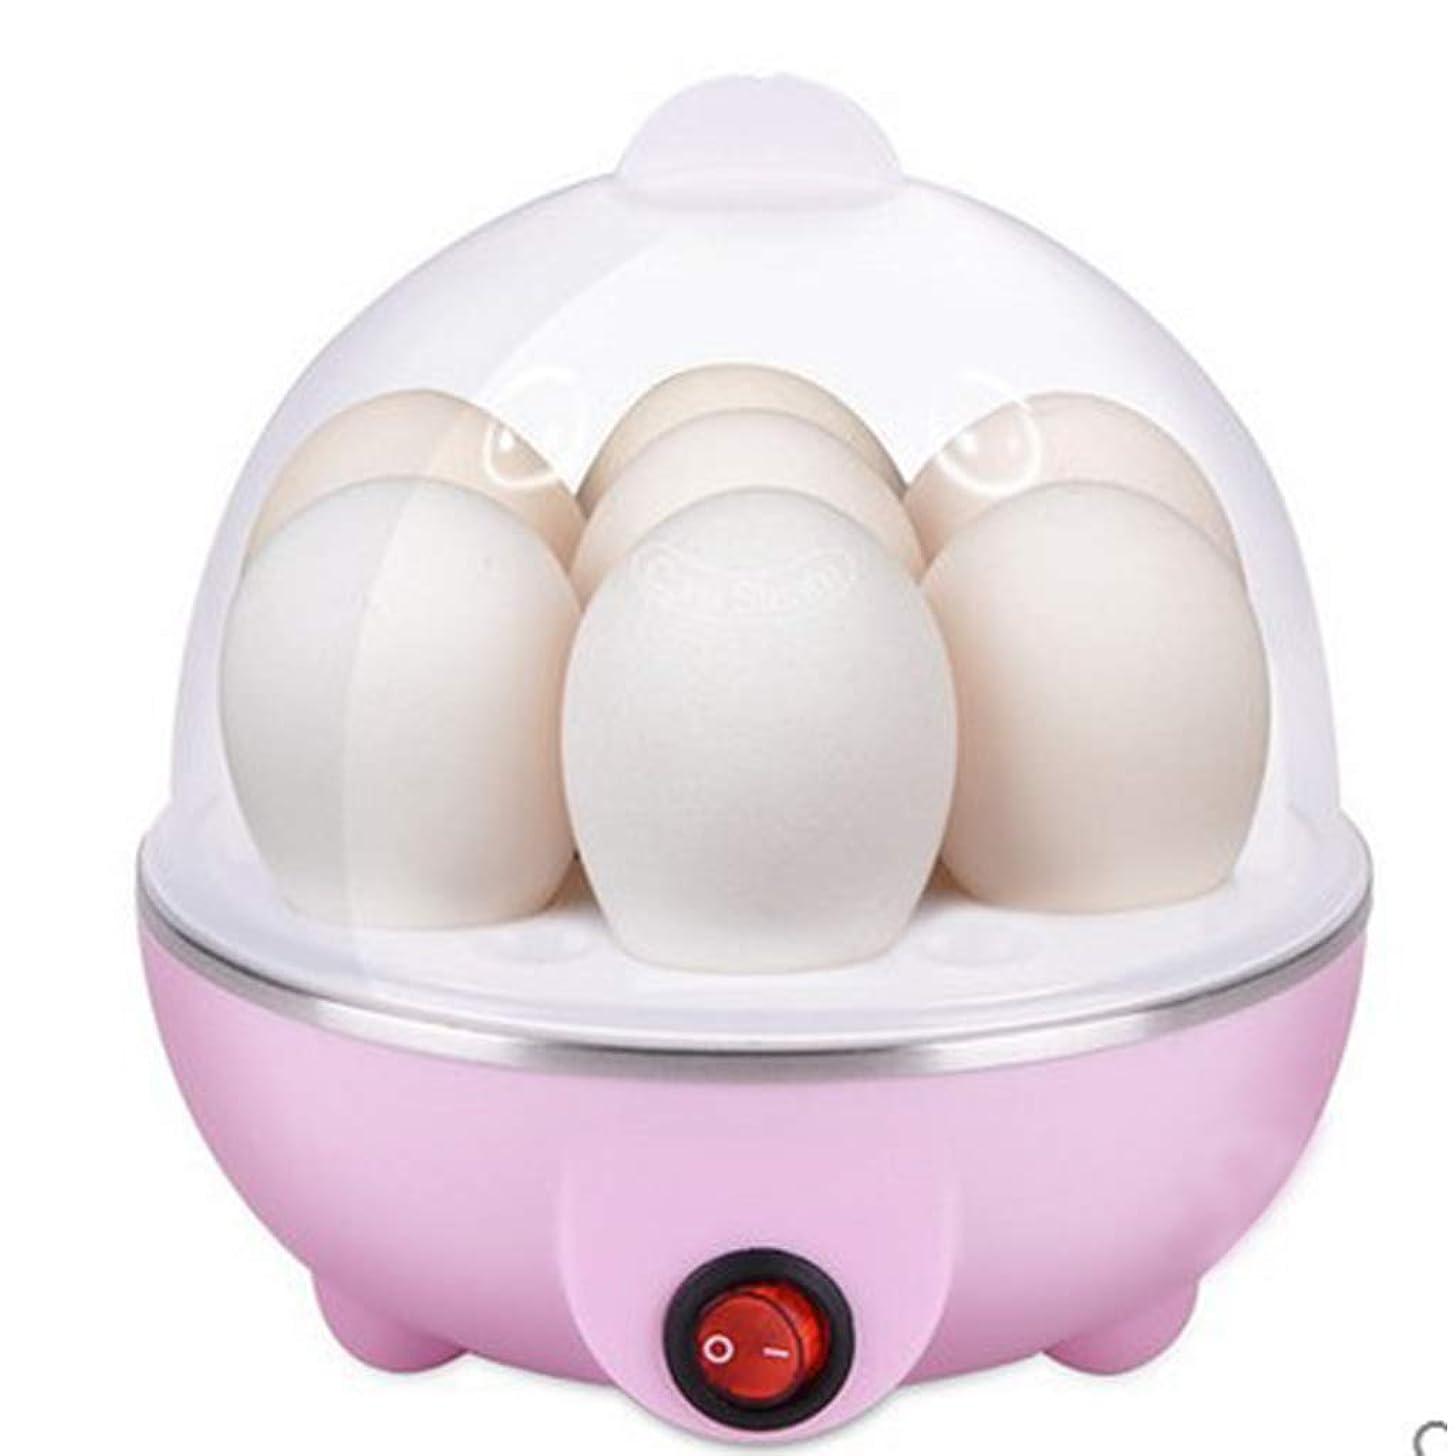 小屋七時半ポテトFormemory ゆでたまご ゆで玉子器 ゆで卵器 ゆで玉子ケース 玉子焼き器 卵蒸し器 卵を7個煮込む からむき たまご 半熟 エッグお弁当 キッチン用品 食器 調理 蒸し器用 (ピンク)